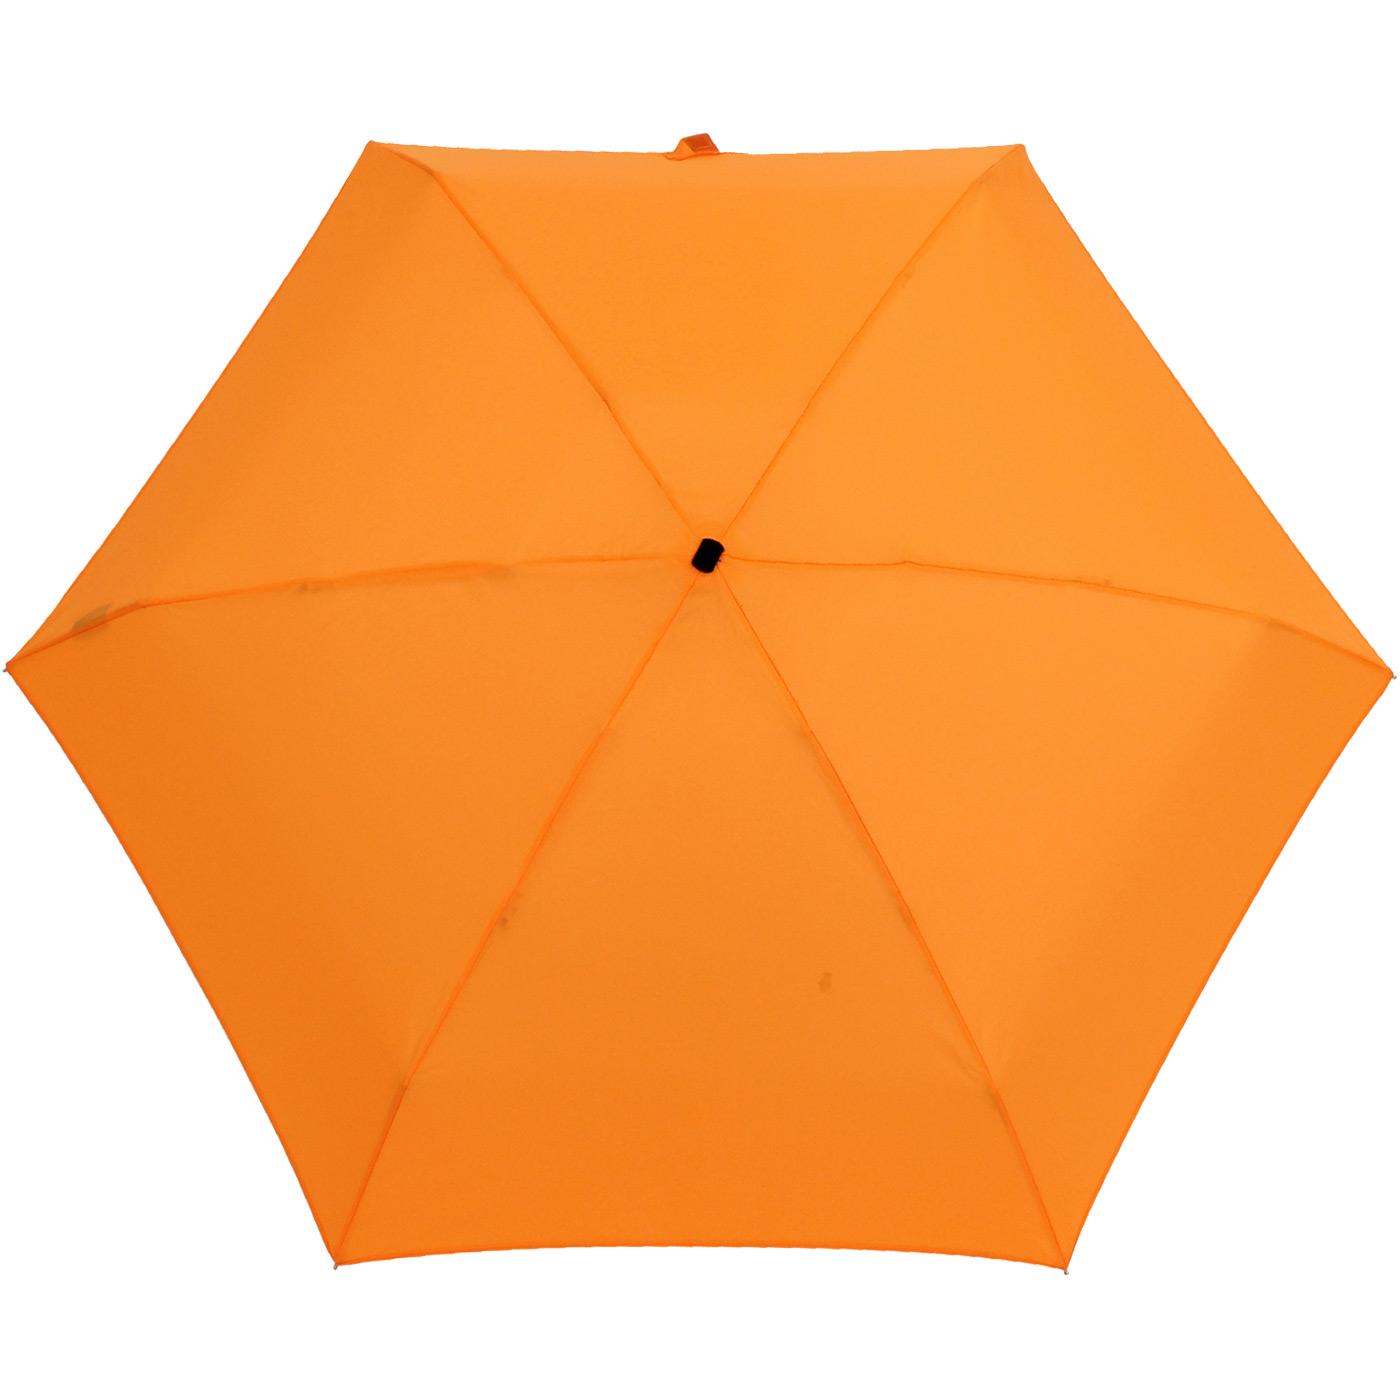 Regenschirm-Super-Mini-Taschenschirm-Damen-Herren-winzig-klein-leicht-im-Etui Indexbild 51